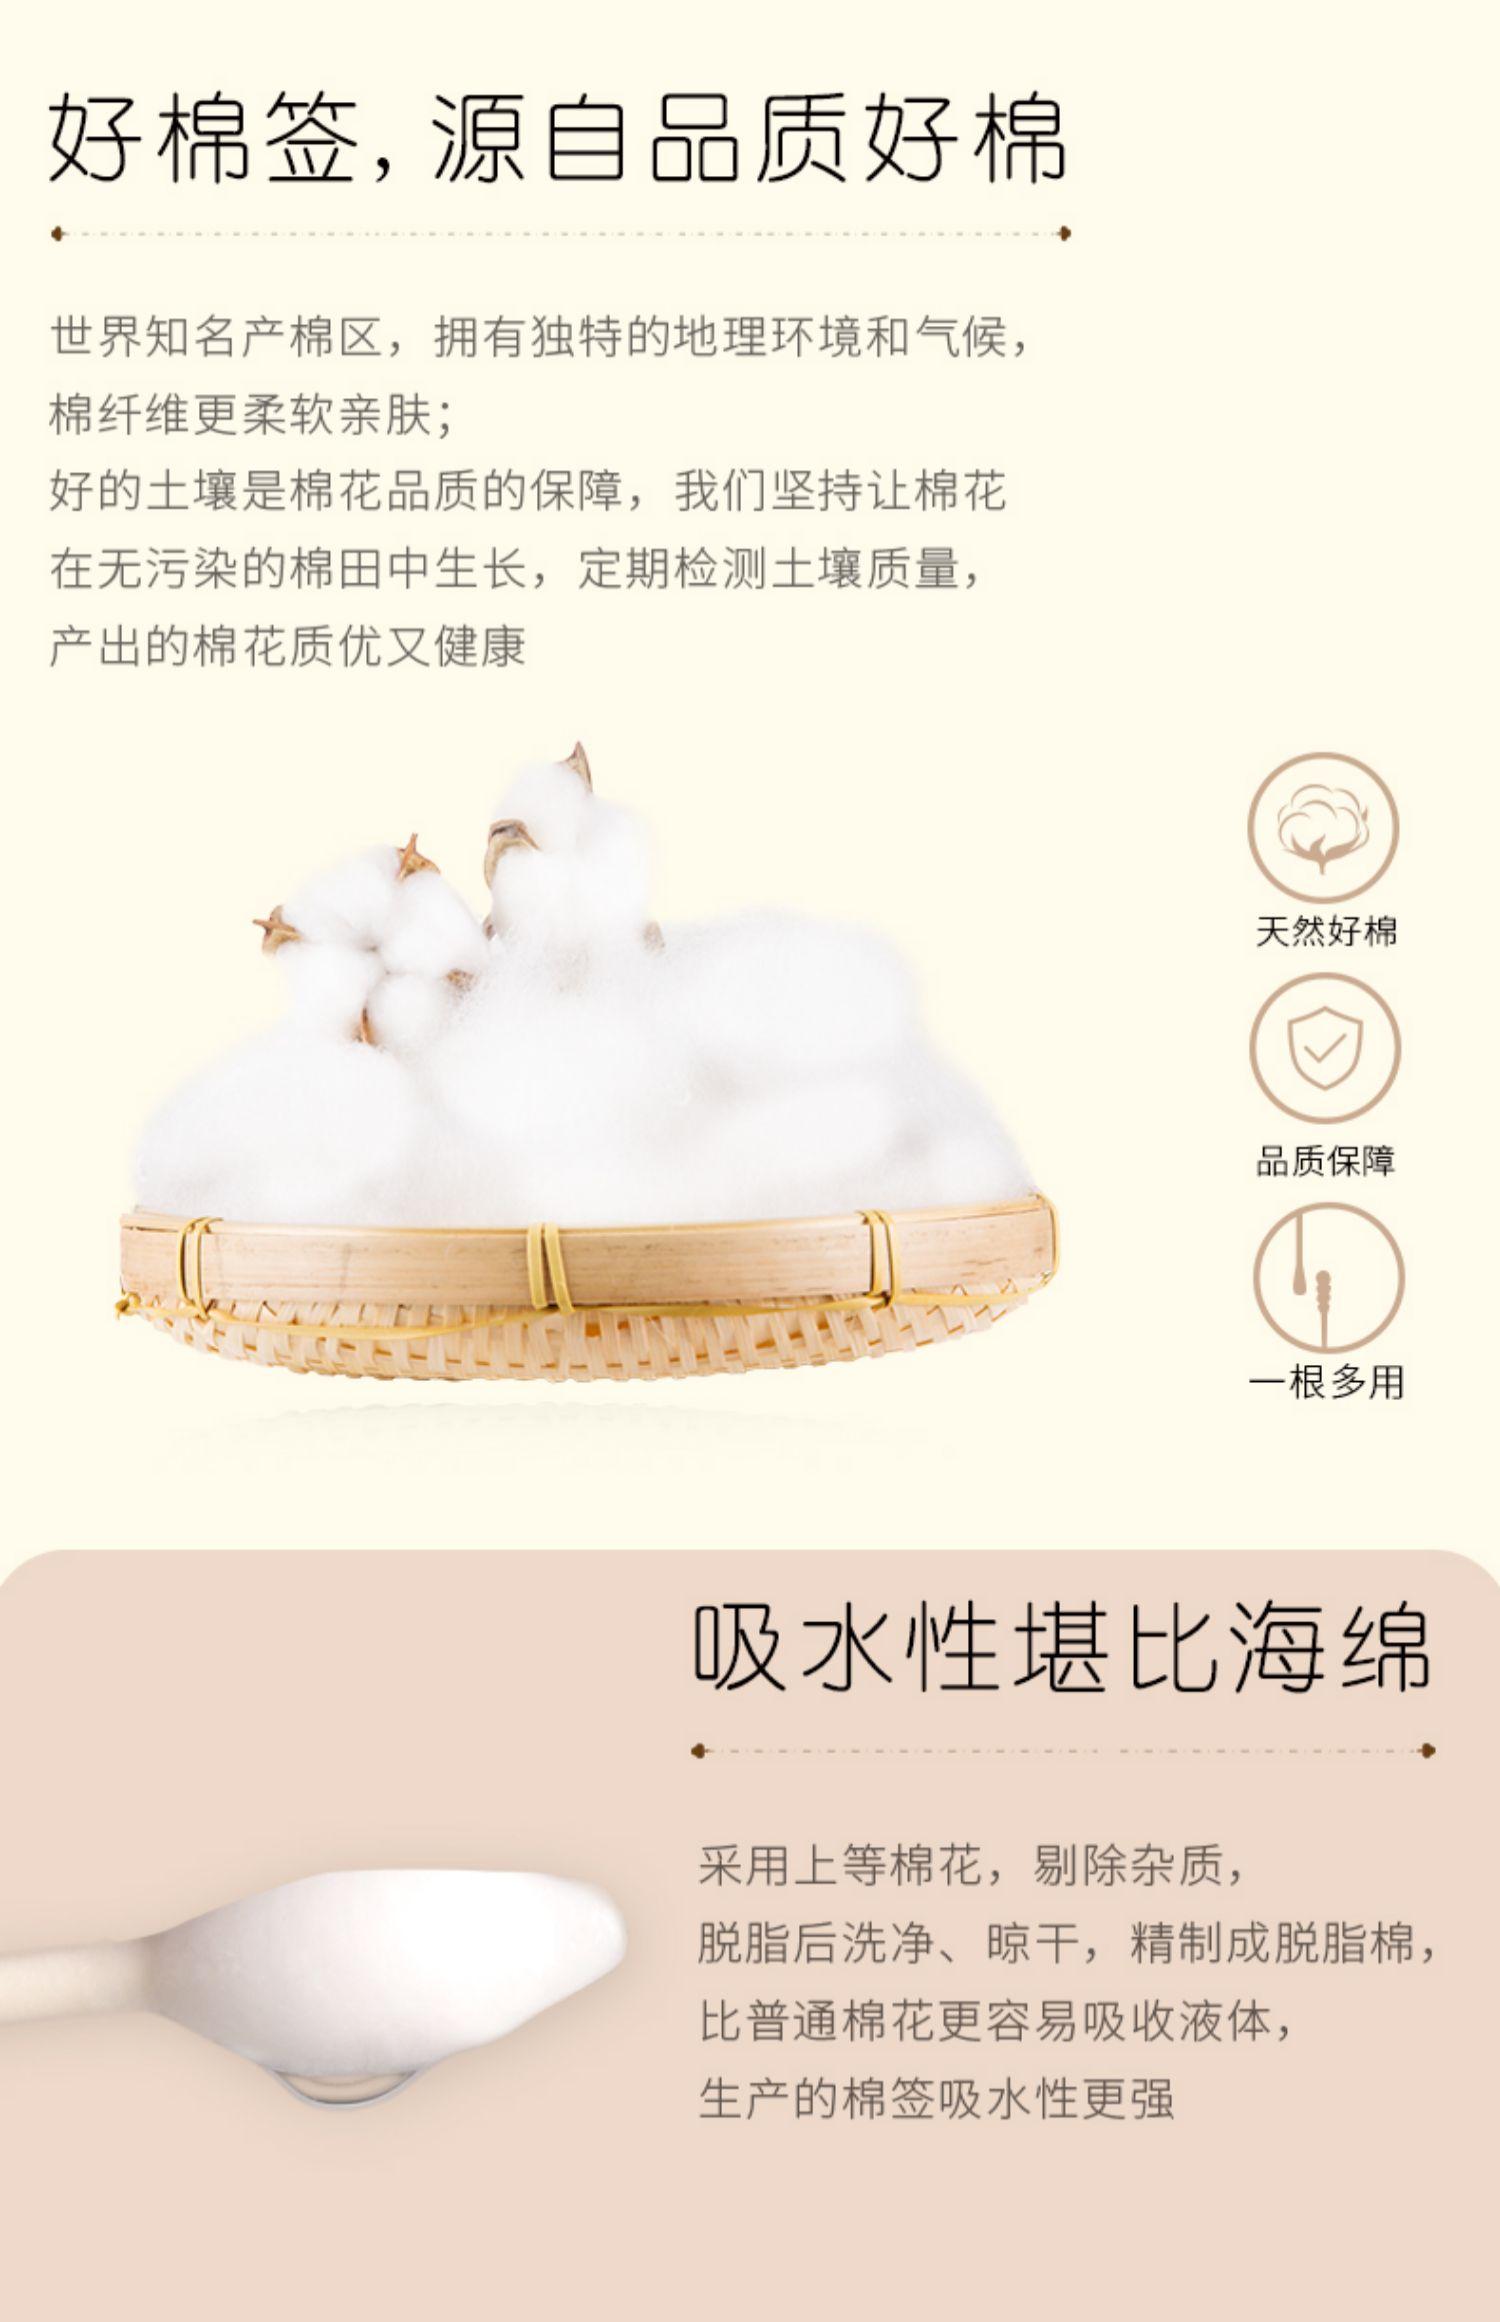 【600支】小白熊婴儿棉签宝宝专用鼻屎双头婴幼儿超细新生棉棒商品详情图